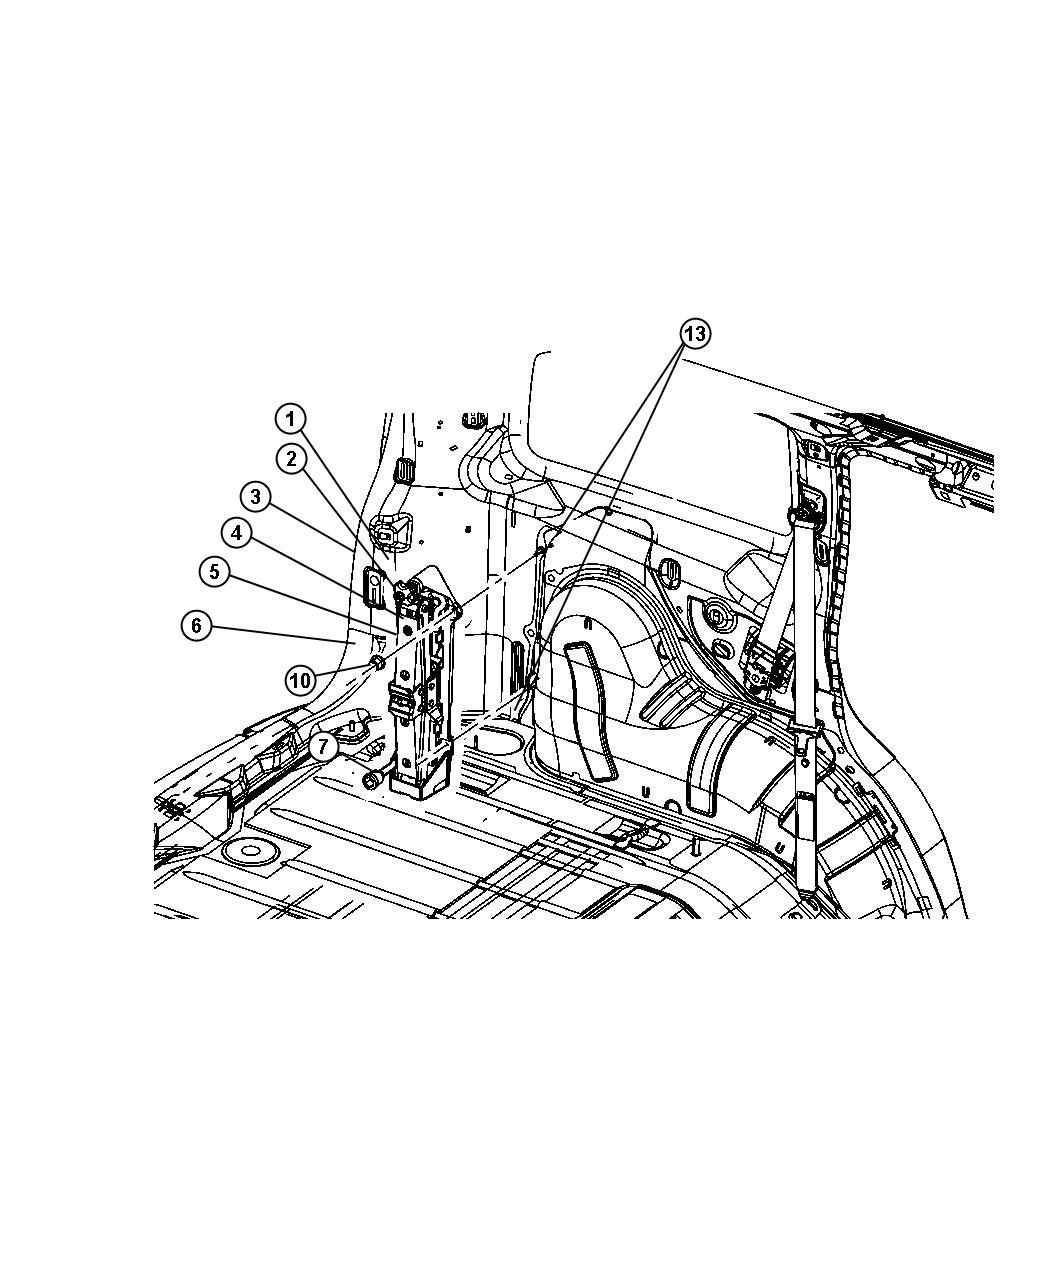 Dodge Avenger Wrench Wheel Lug Nut After 06 30 05 Jack